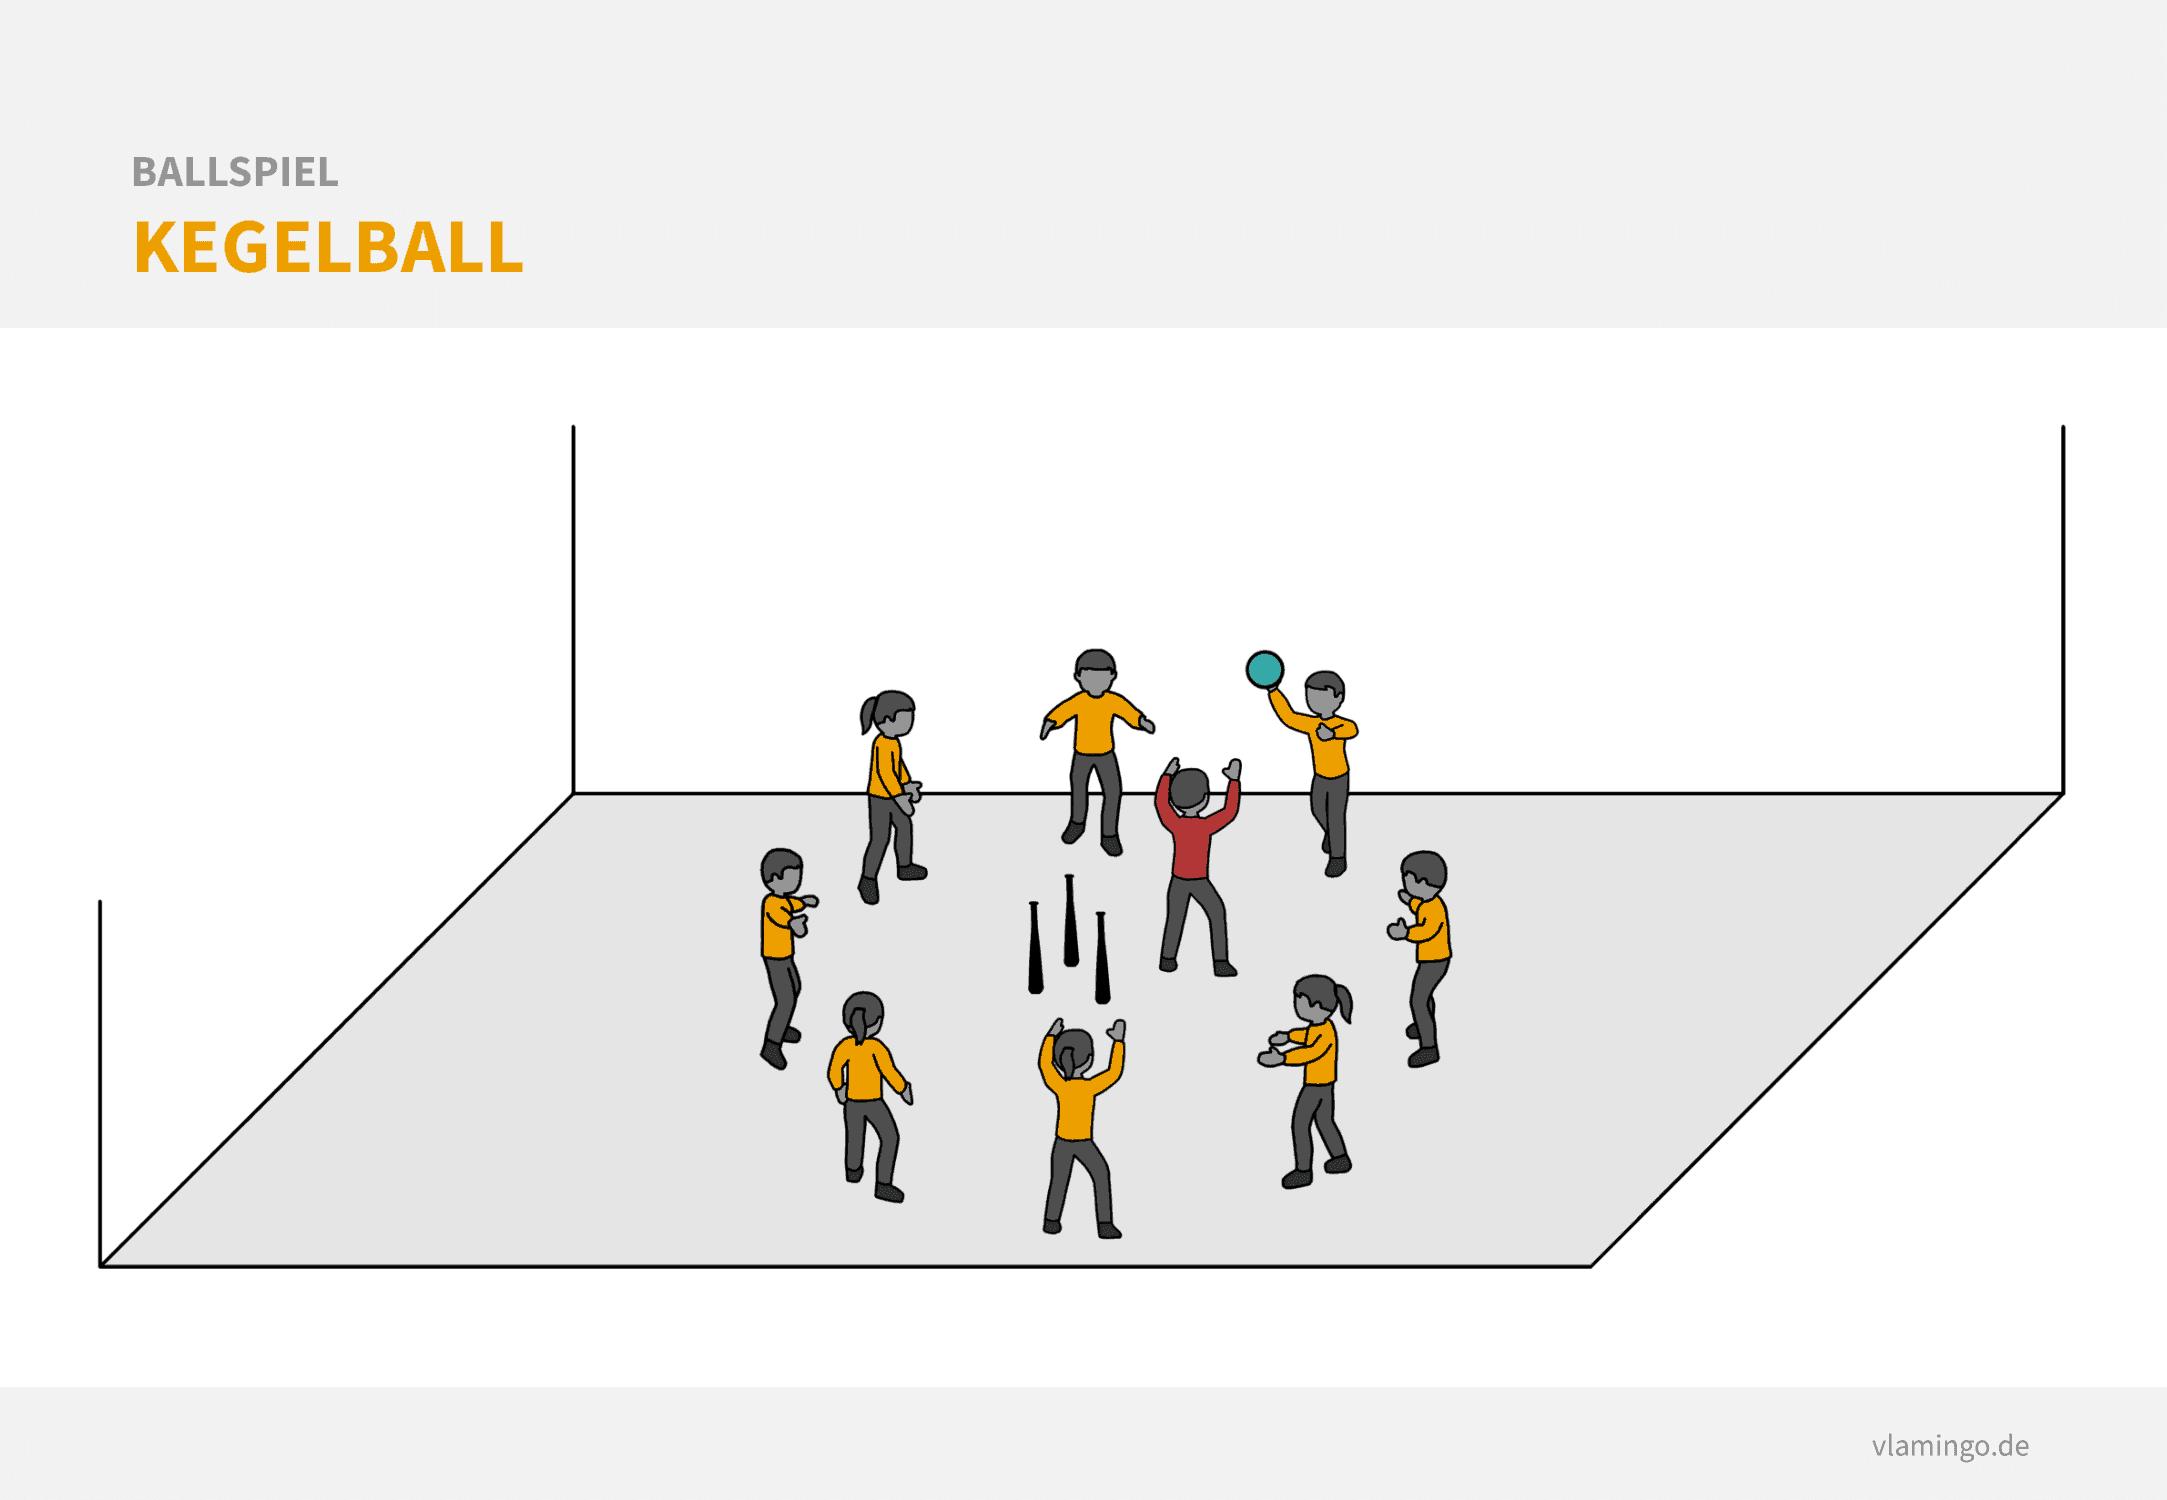 Ballspiel: Kegelball